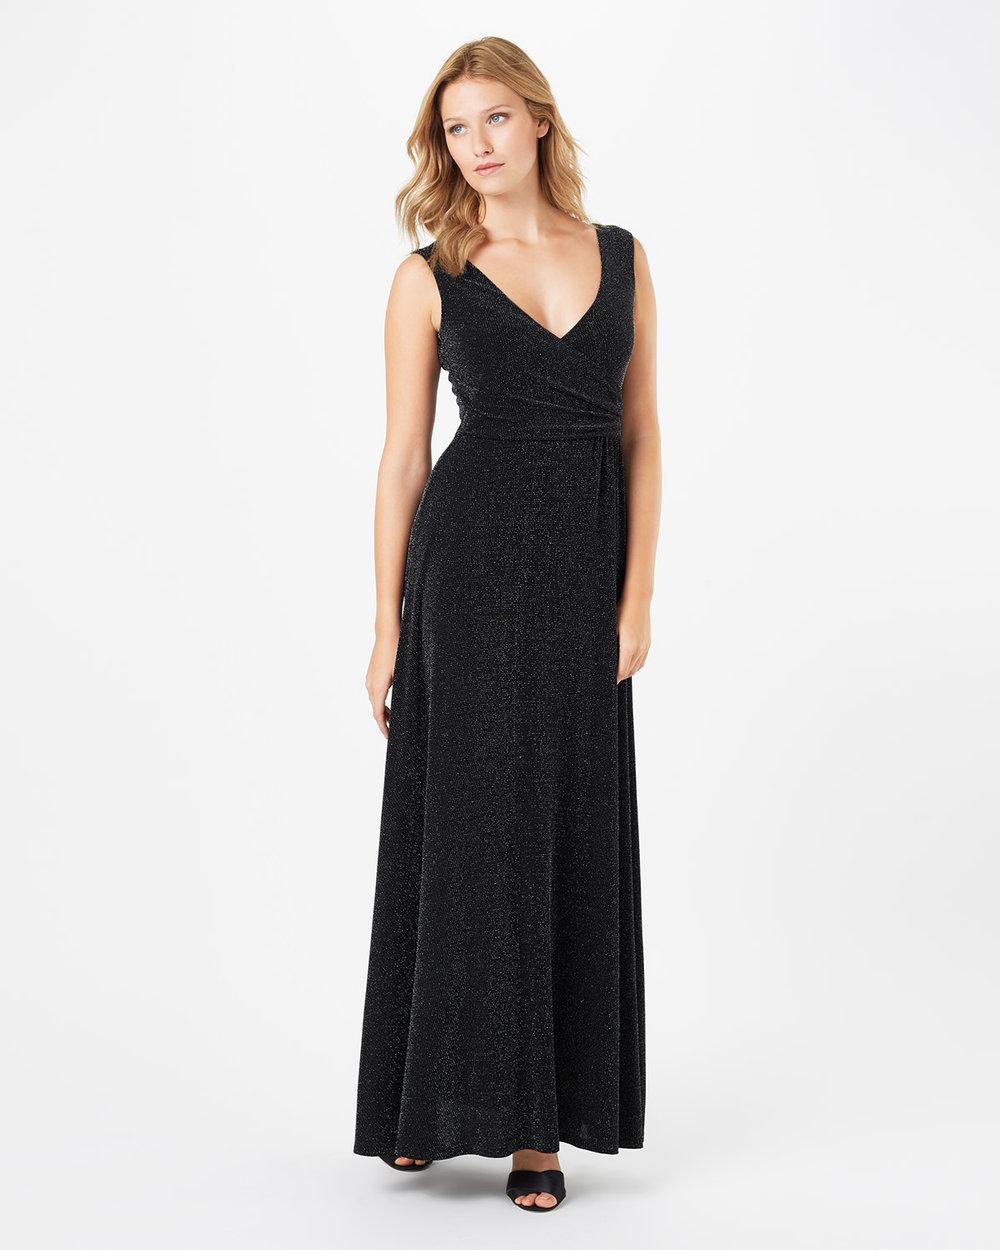 BEULAH SPARKLE FULL LENGTH DRESS.jpg